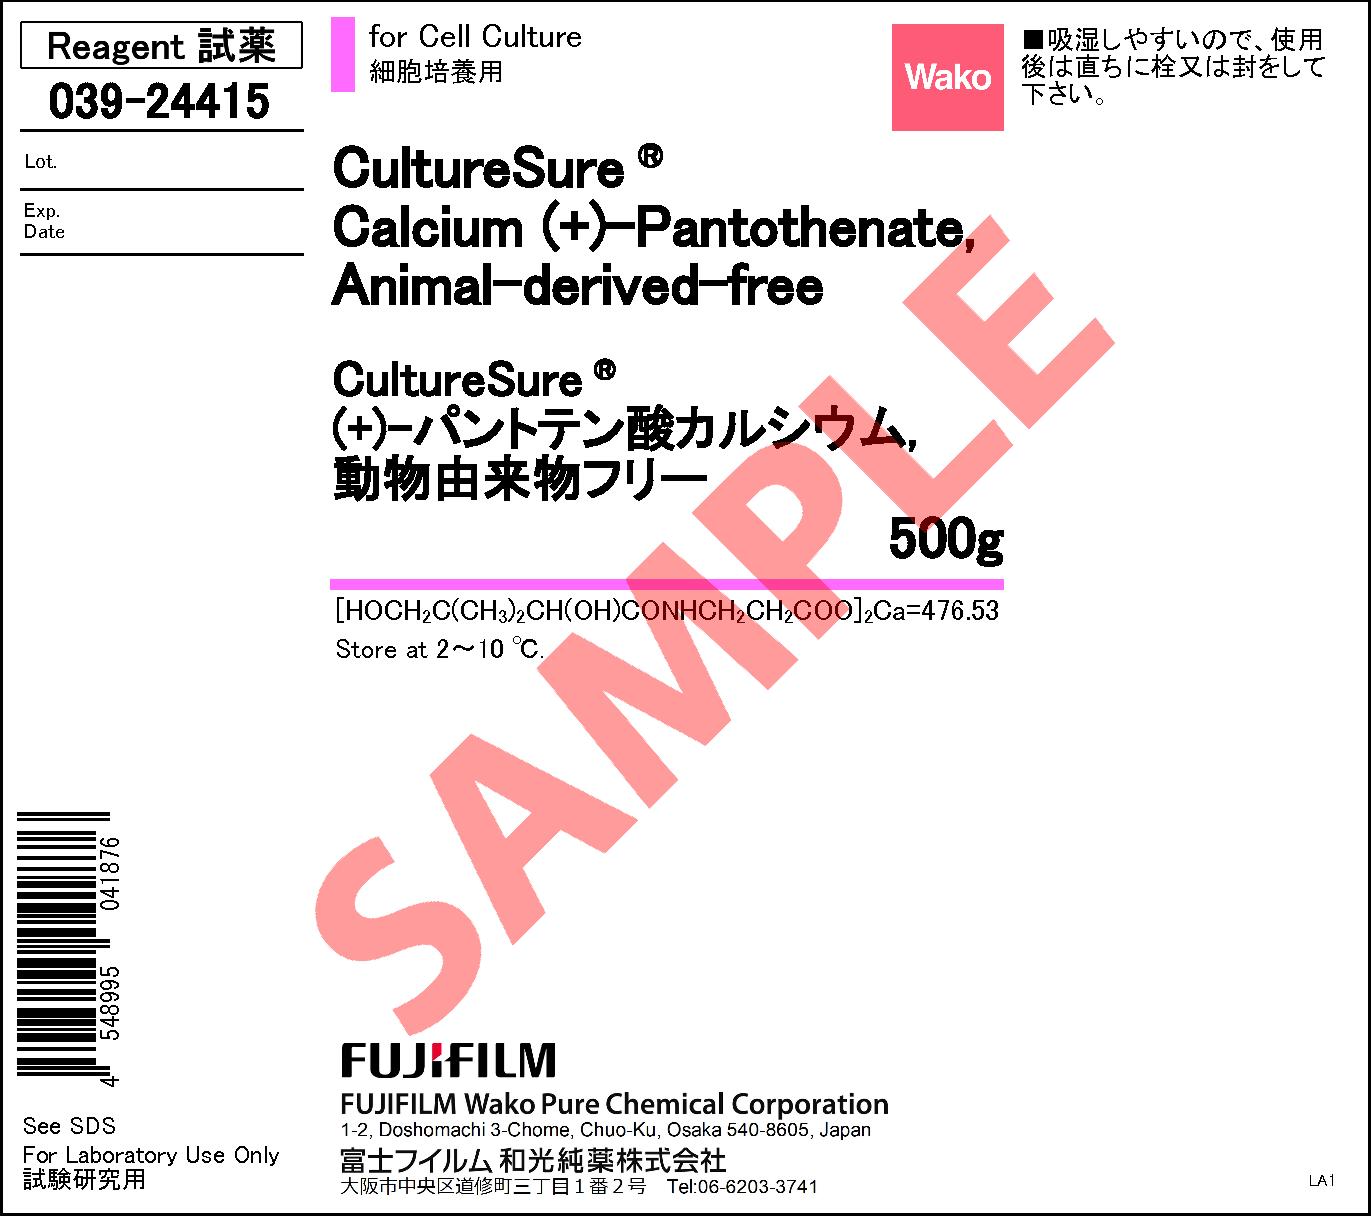 カルシウム パントテン 酸